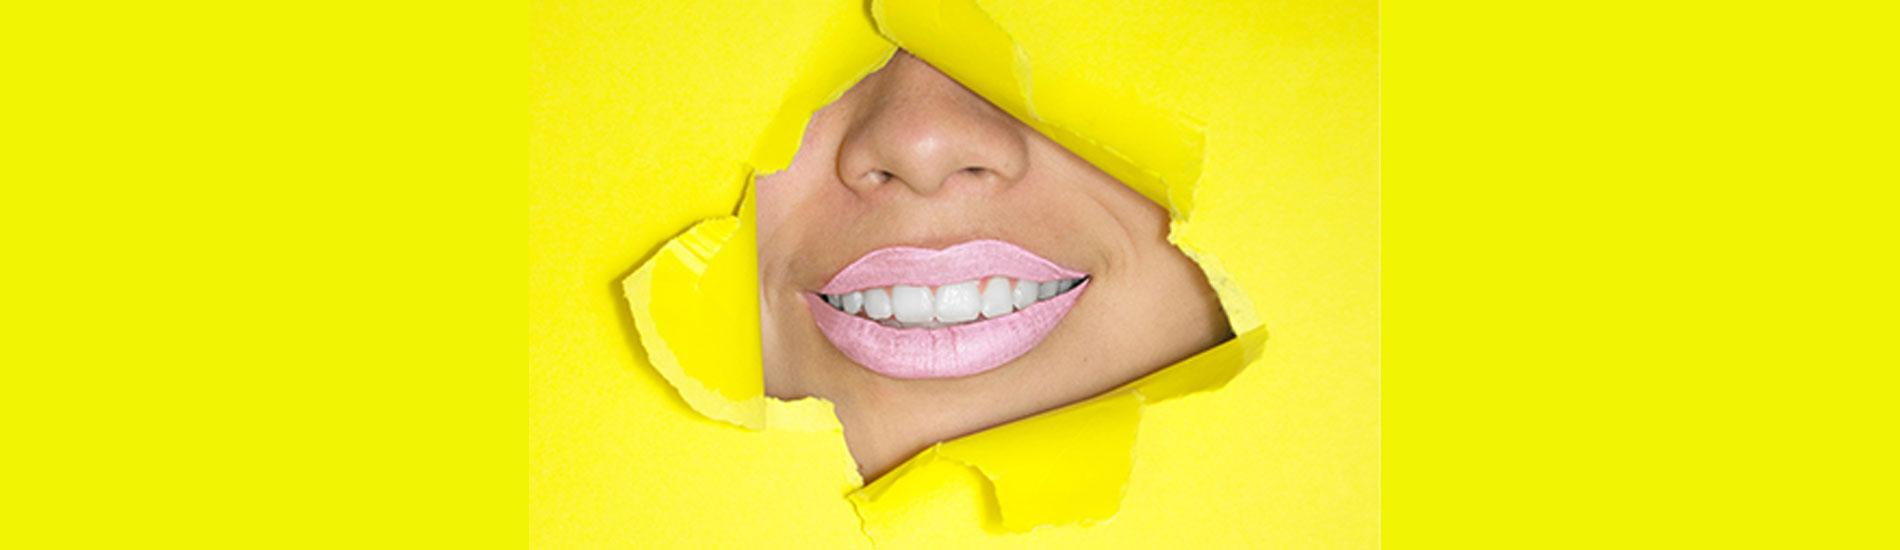 Ποιες τροφές ωφελούν τα δόντια;